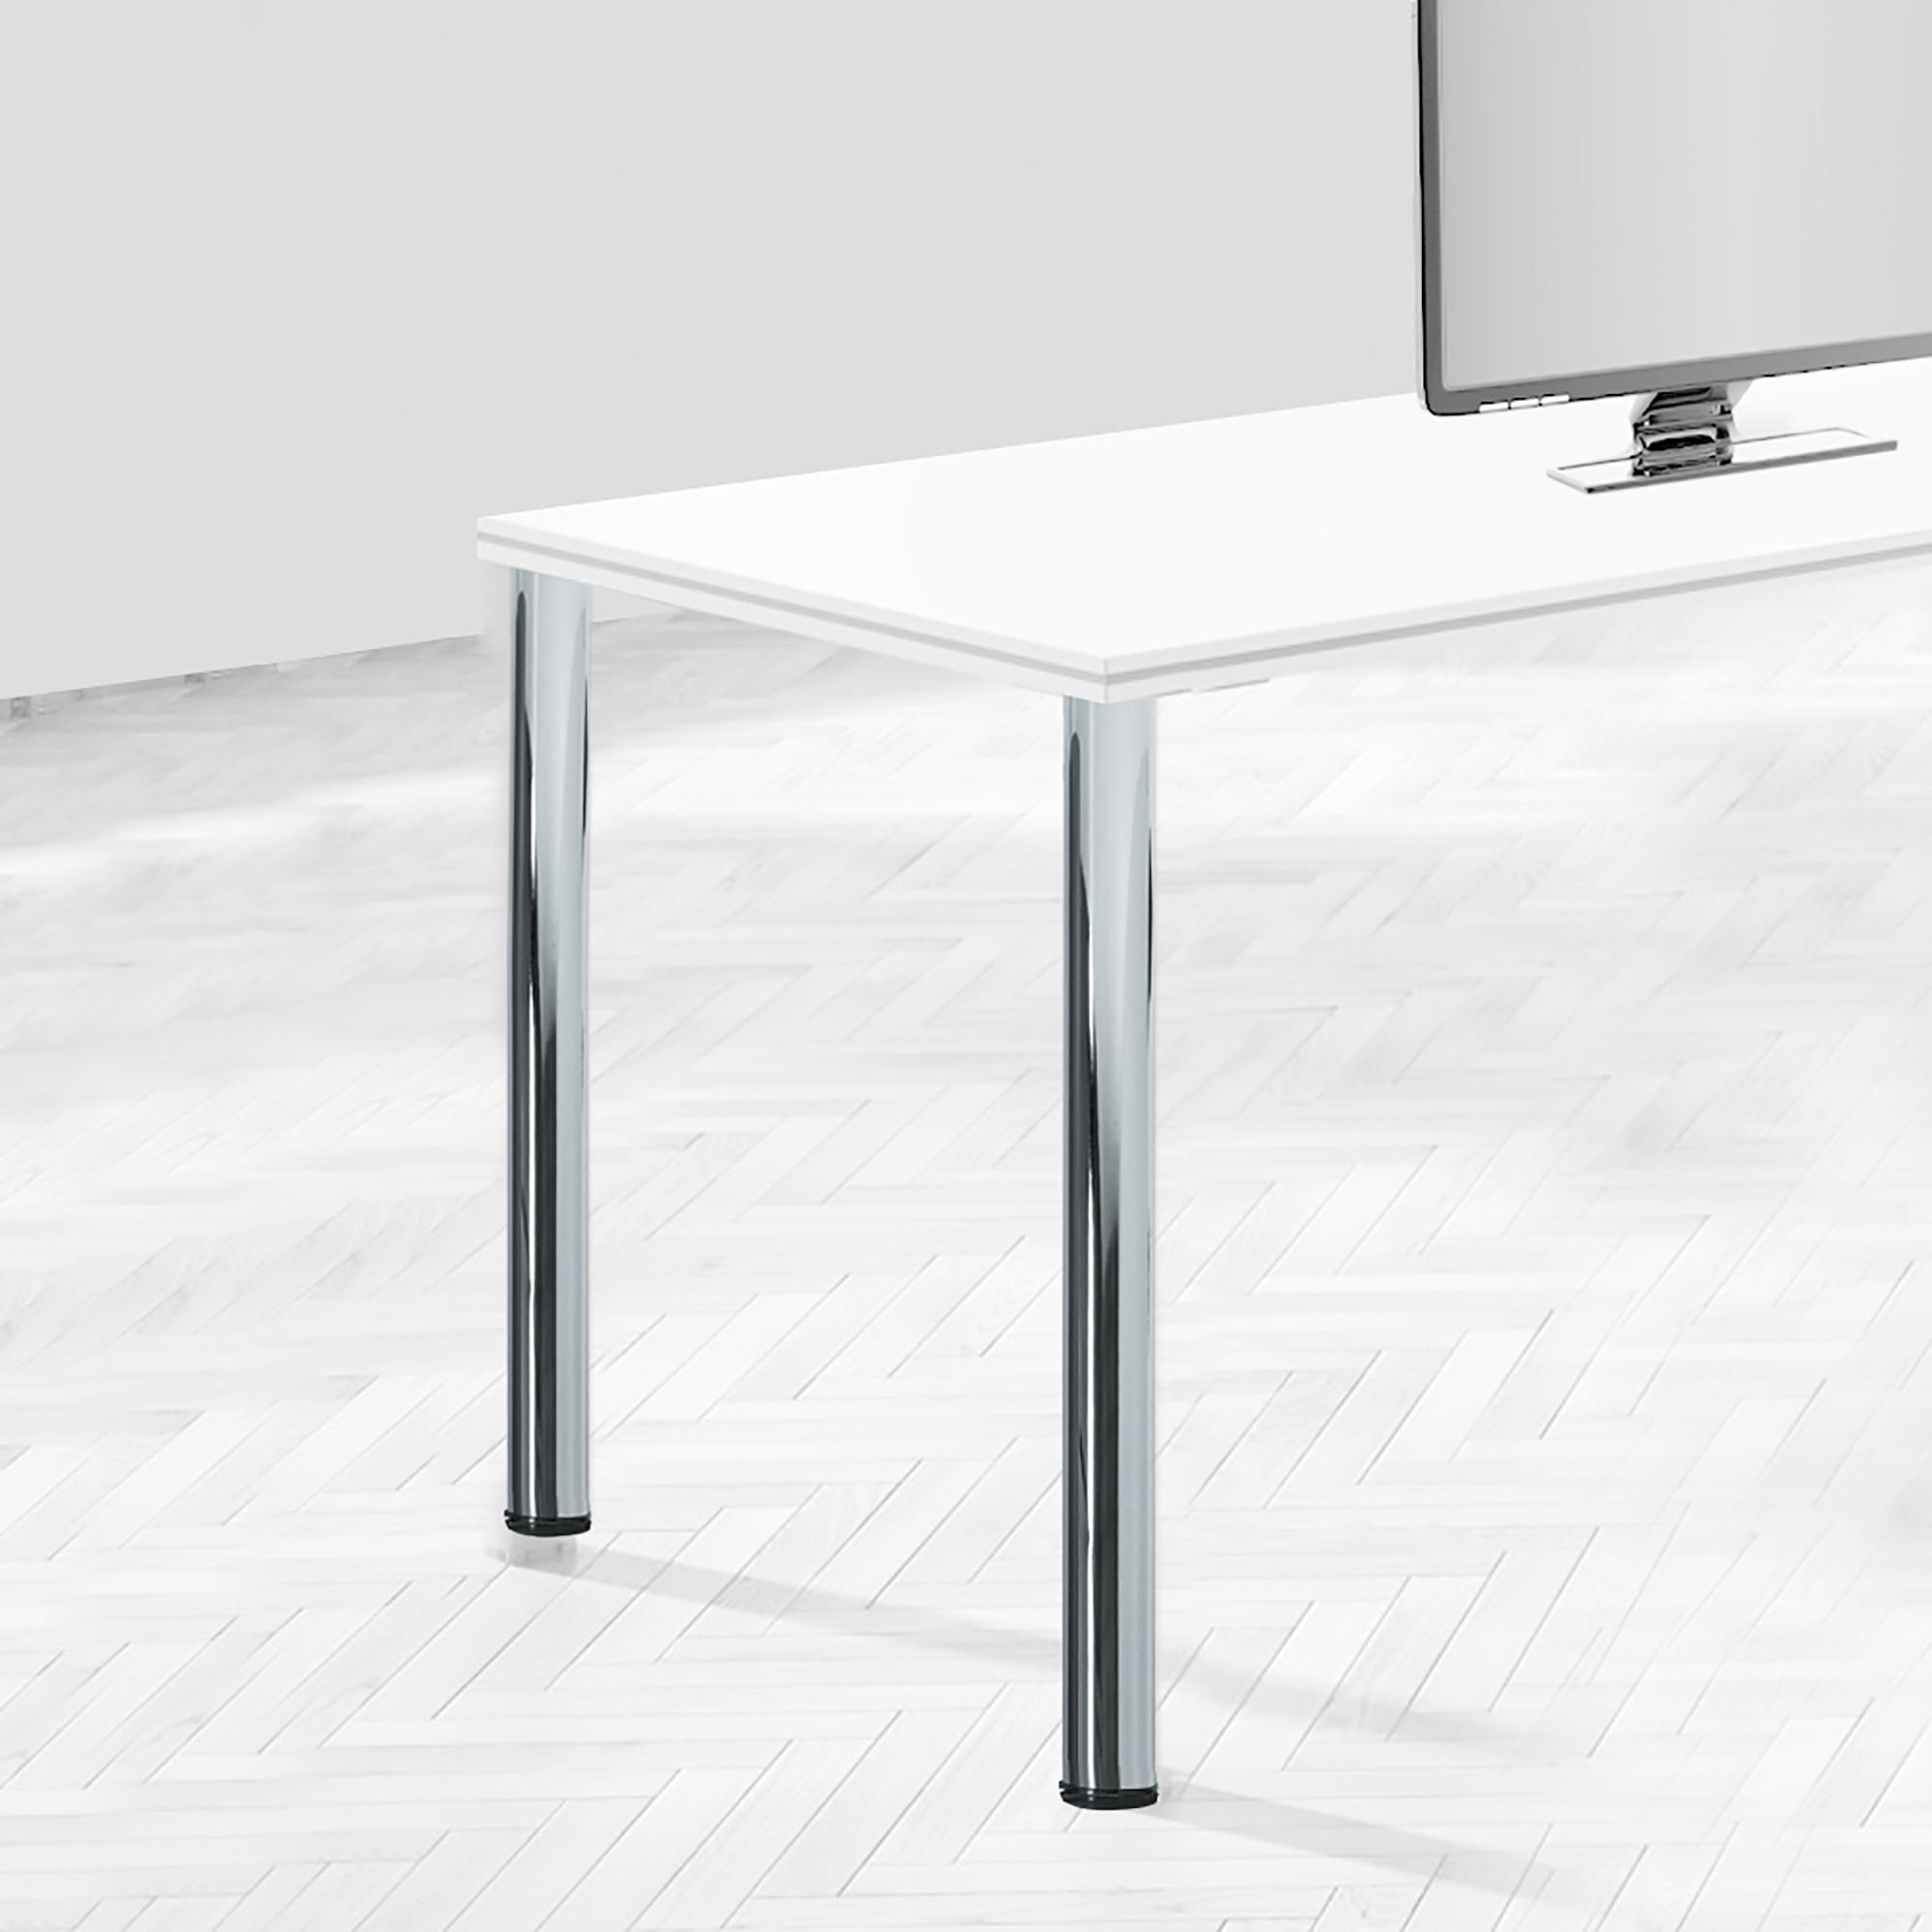 Emuca Gamba per tavolo, D. 60mm, regolabile 870-890 mm, Acciaio, Grigio metallizzato